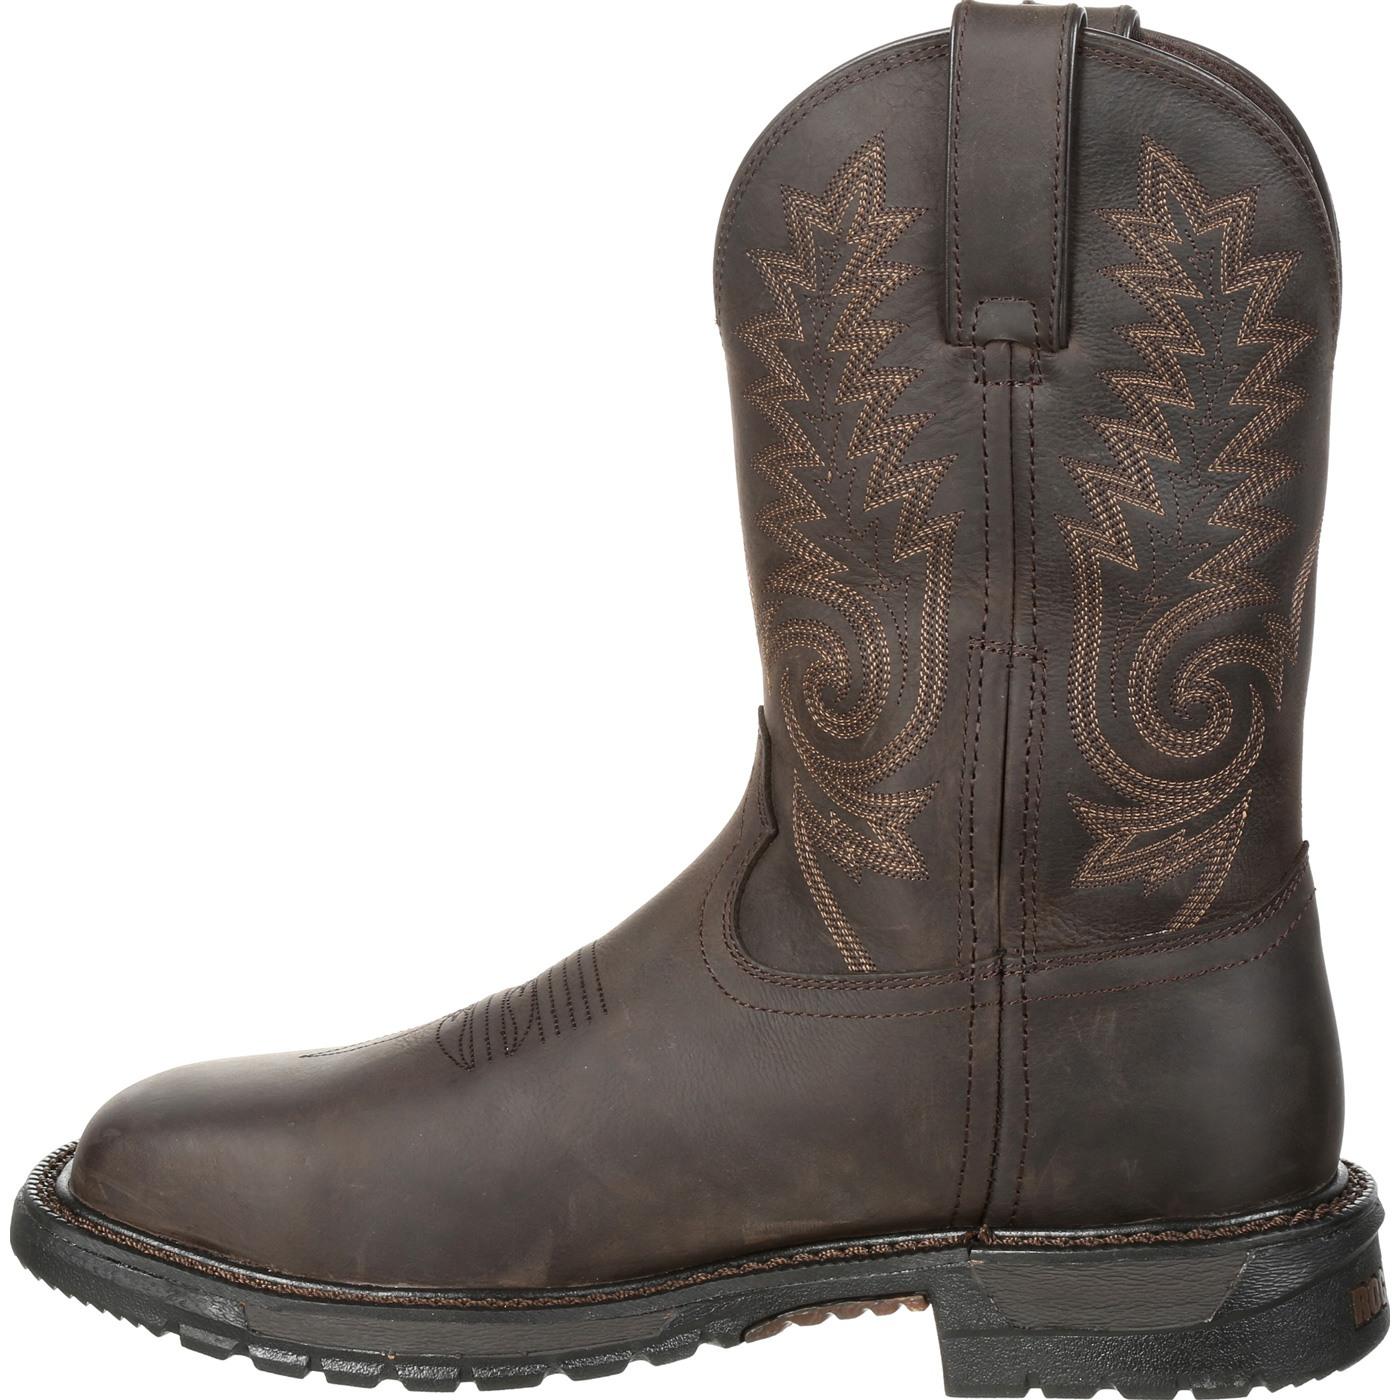 ef3e760b48f Rocky Original Ride FLX Steel Toe Waterproof Western Boot